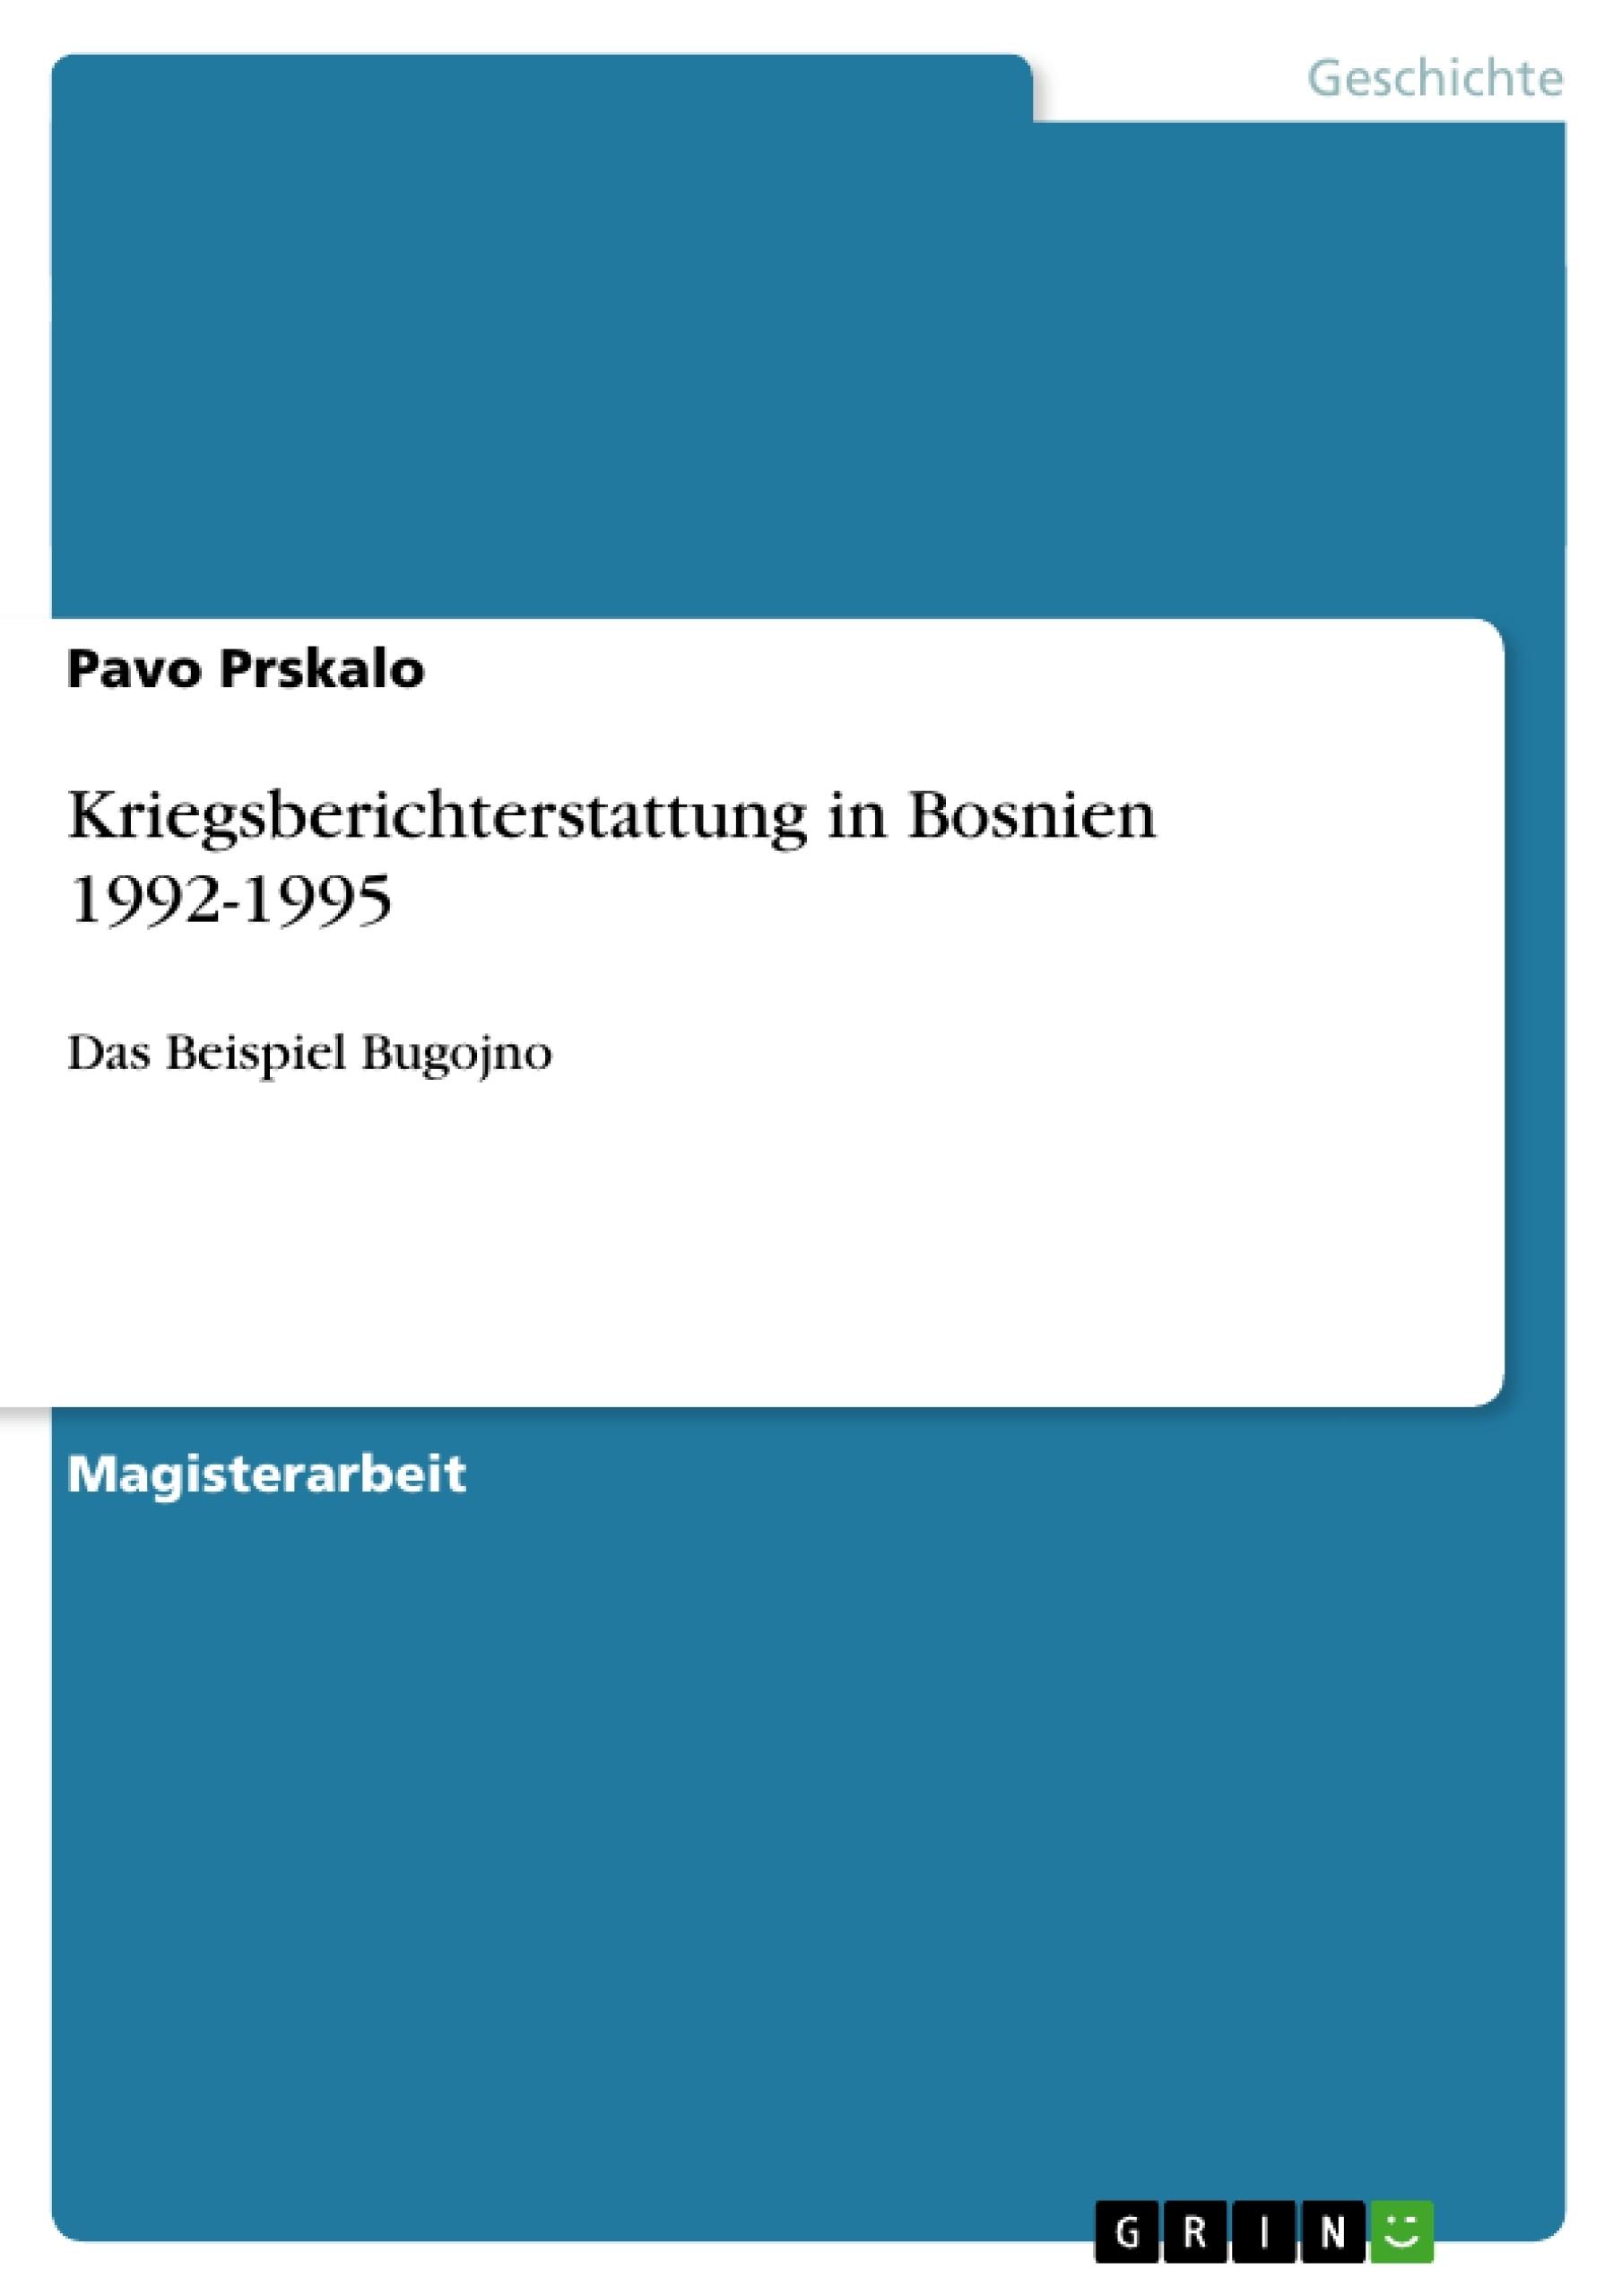 Titel: Kriegsberichterstattung in Bosnien 1992-1995